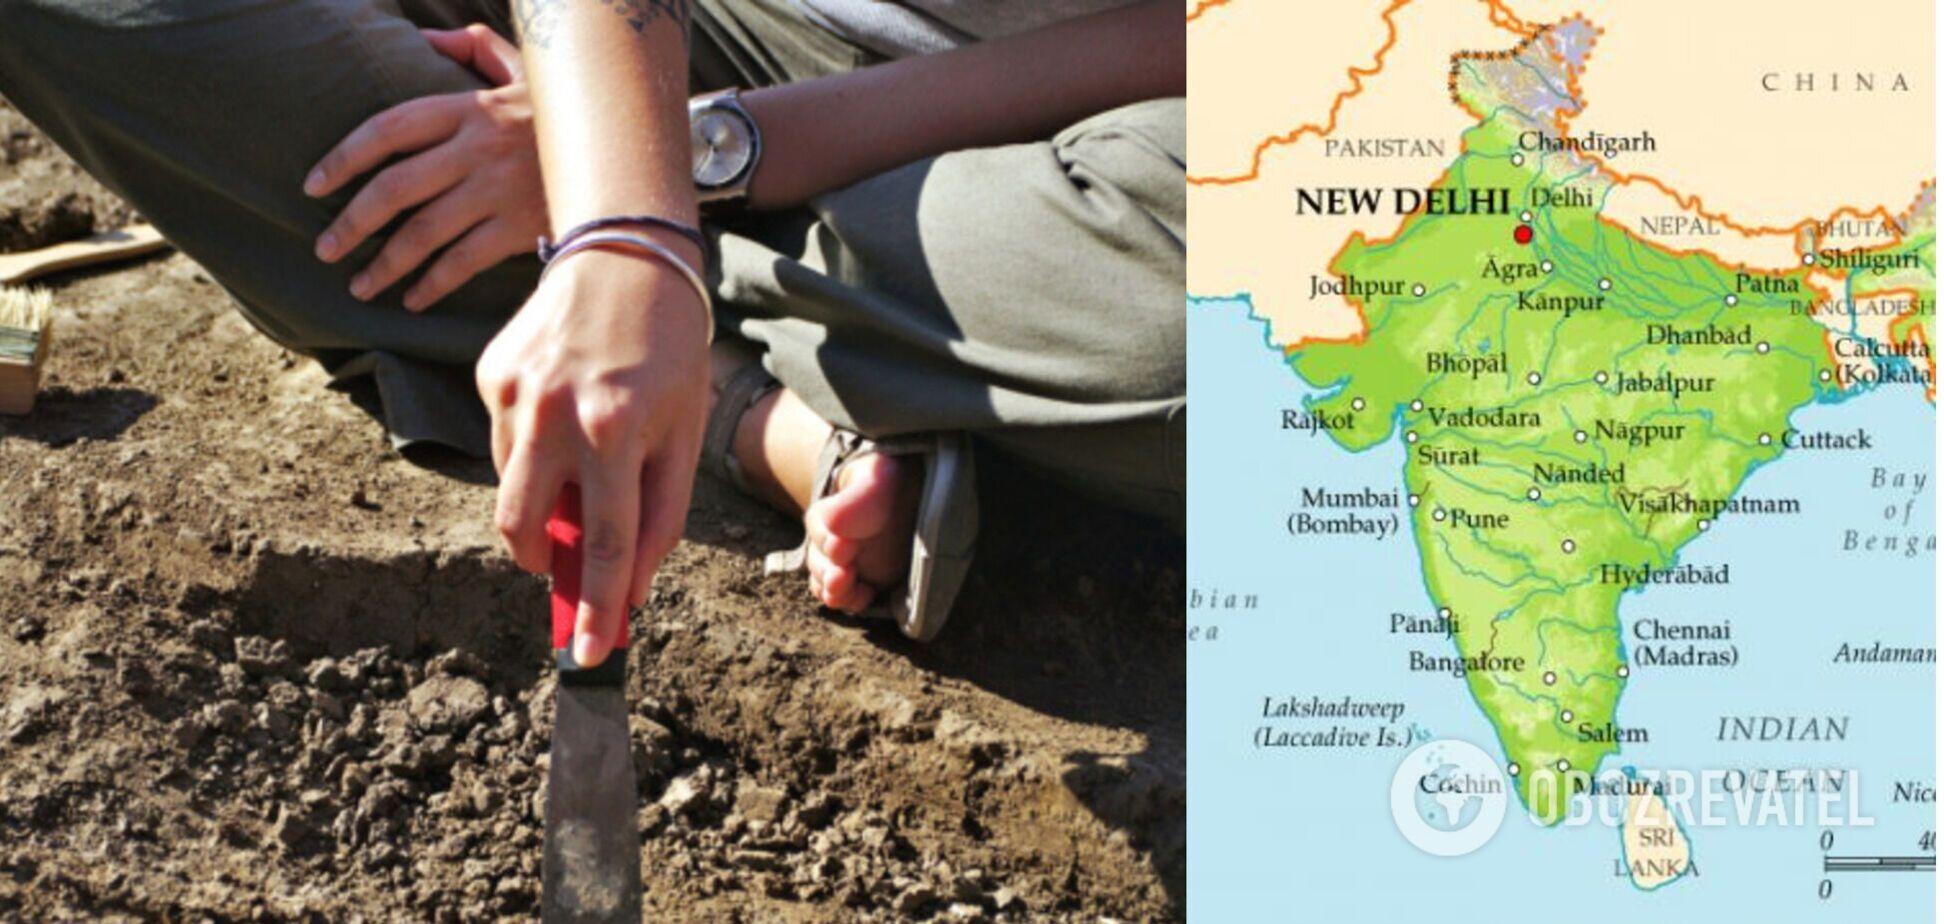 Археологи обнаружили древний кинжал, связанный с загадочной цивилизацией. Фото